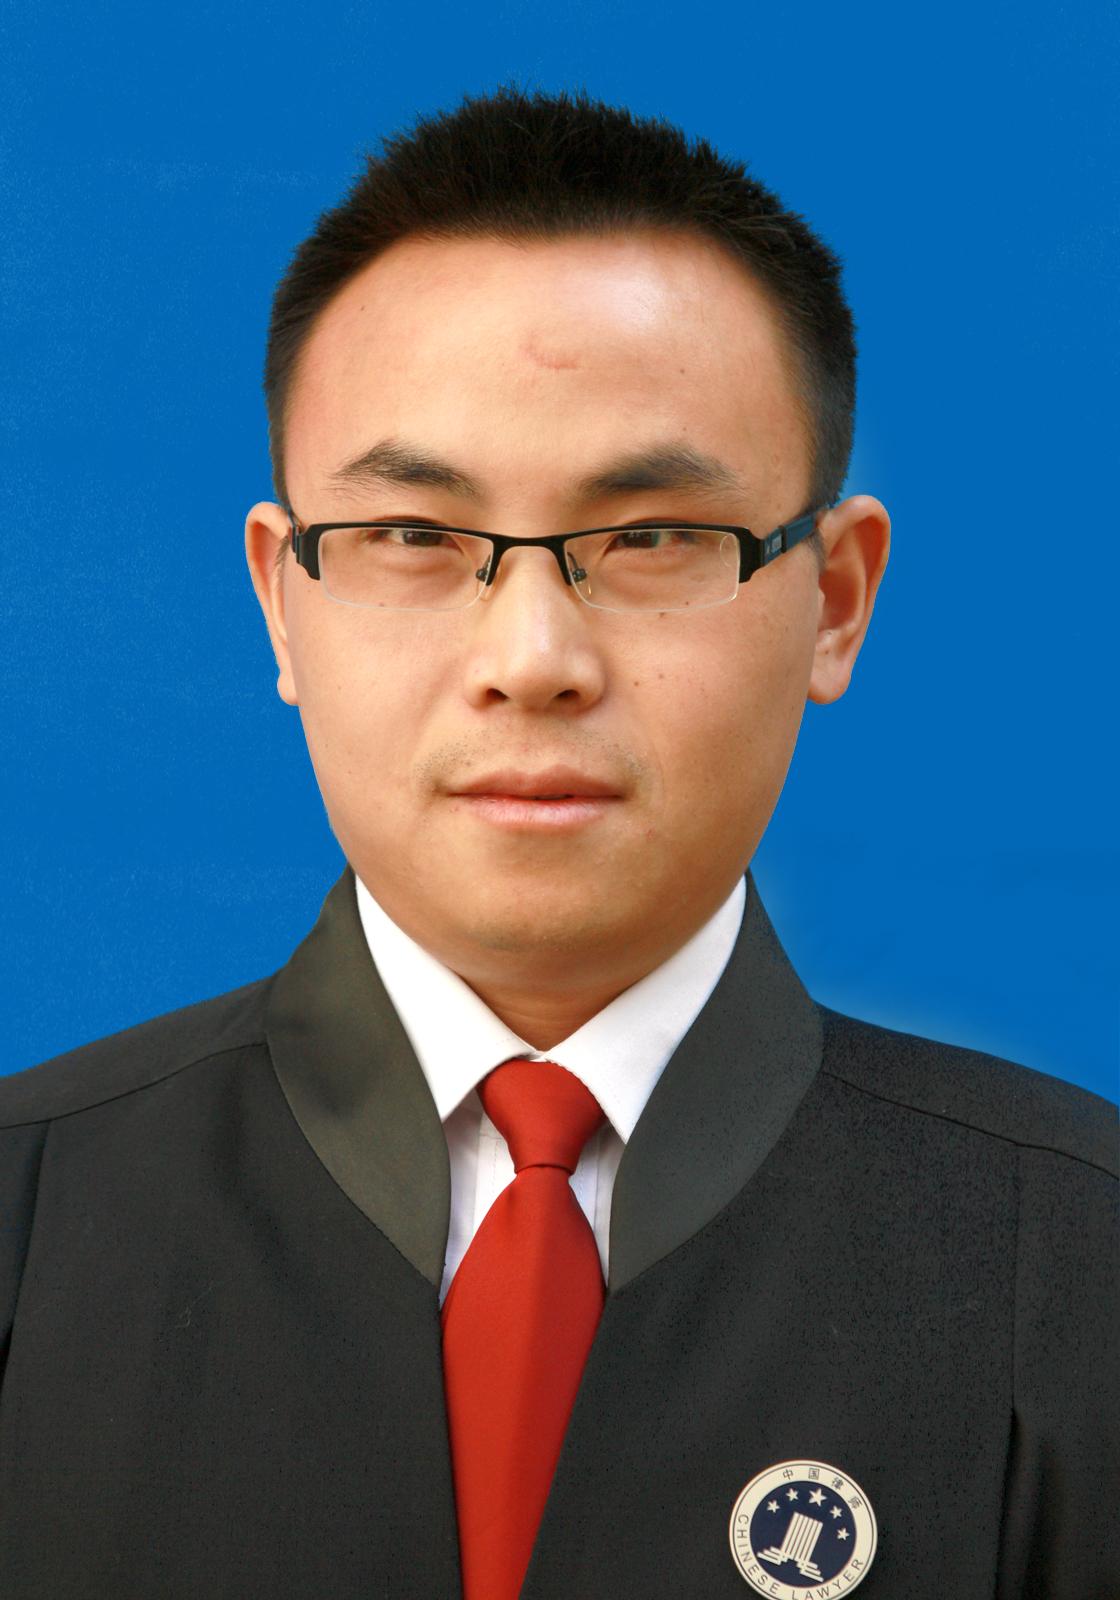 郴州律師-江新春